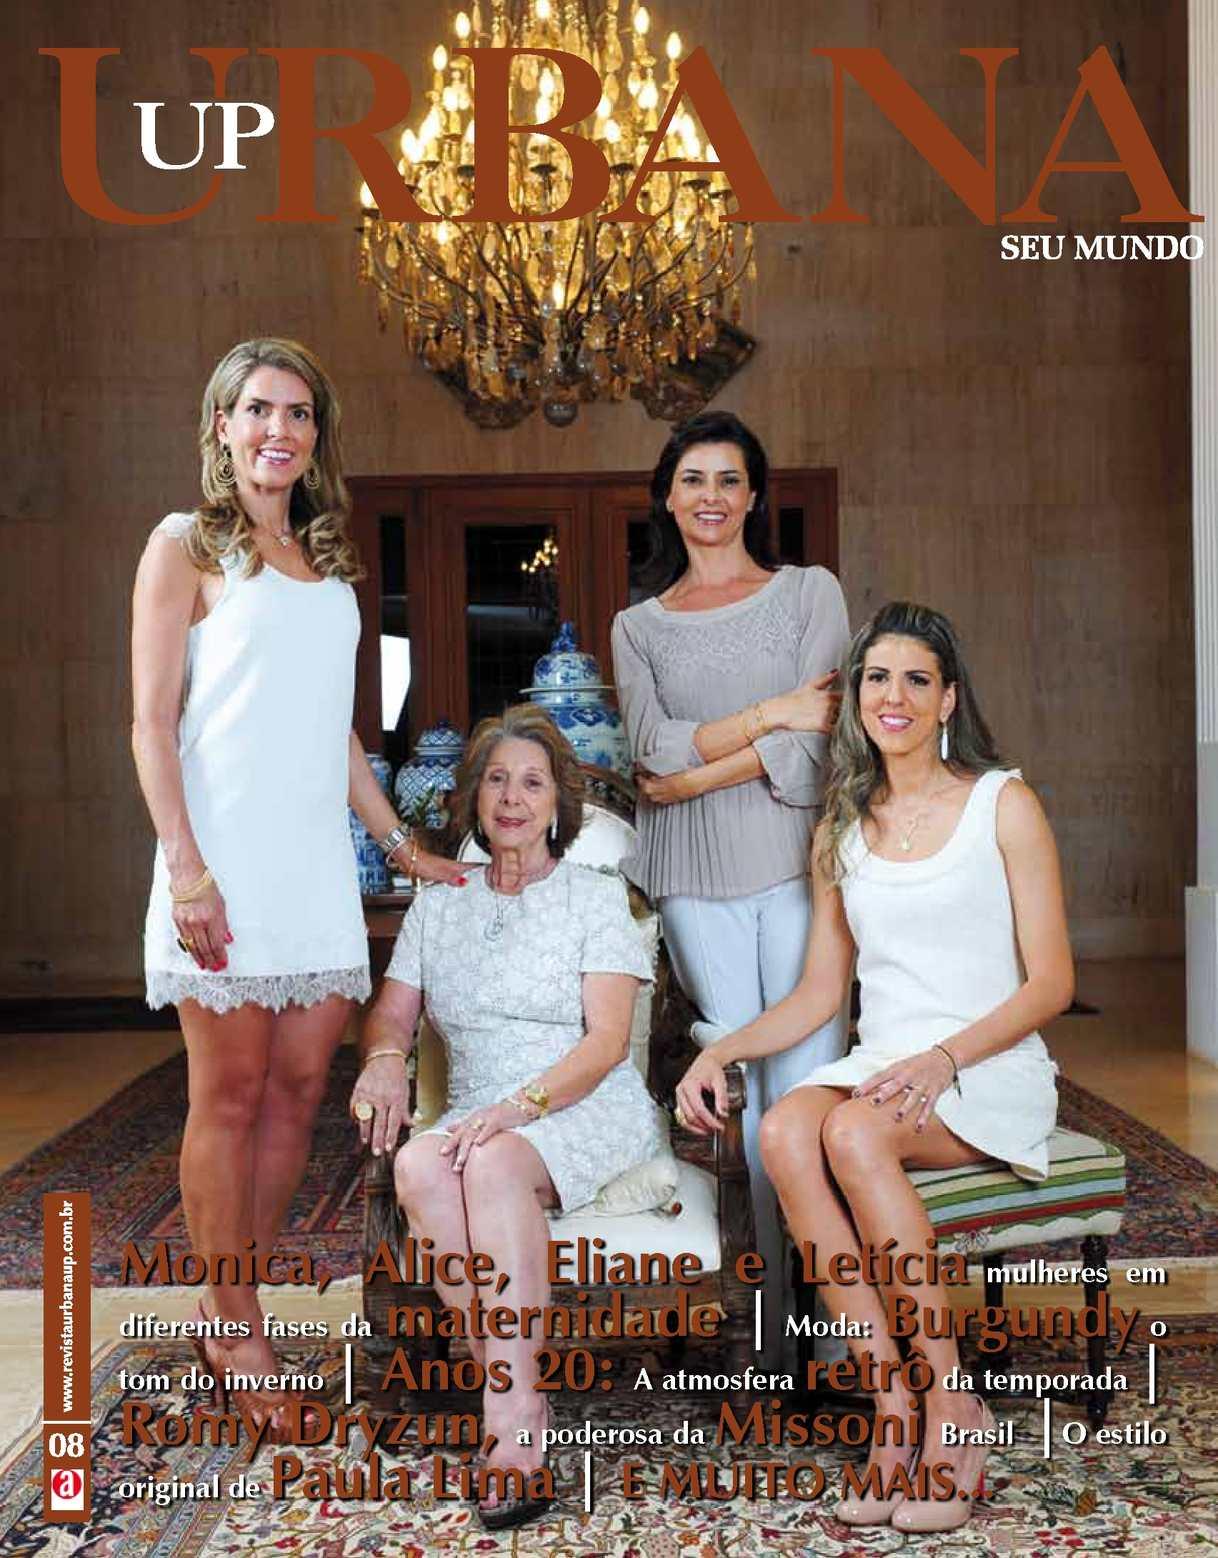 664c82165a5 Calaméo - Revista Urbana Up - 8ª edição